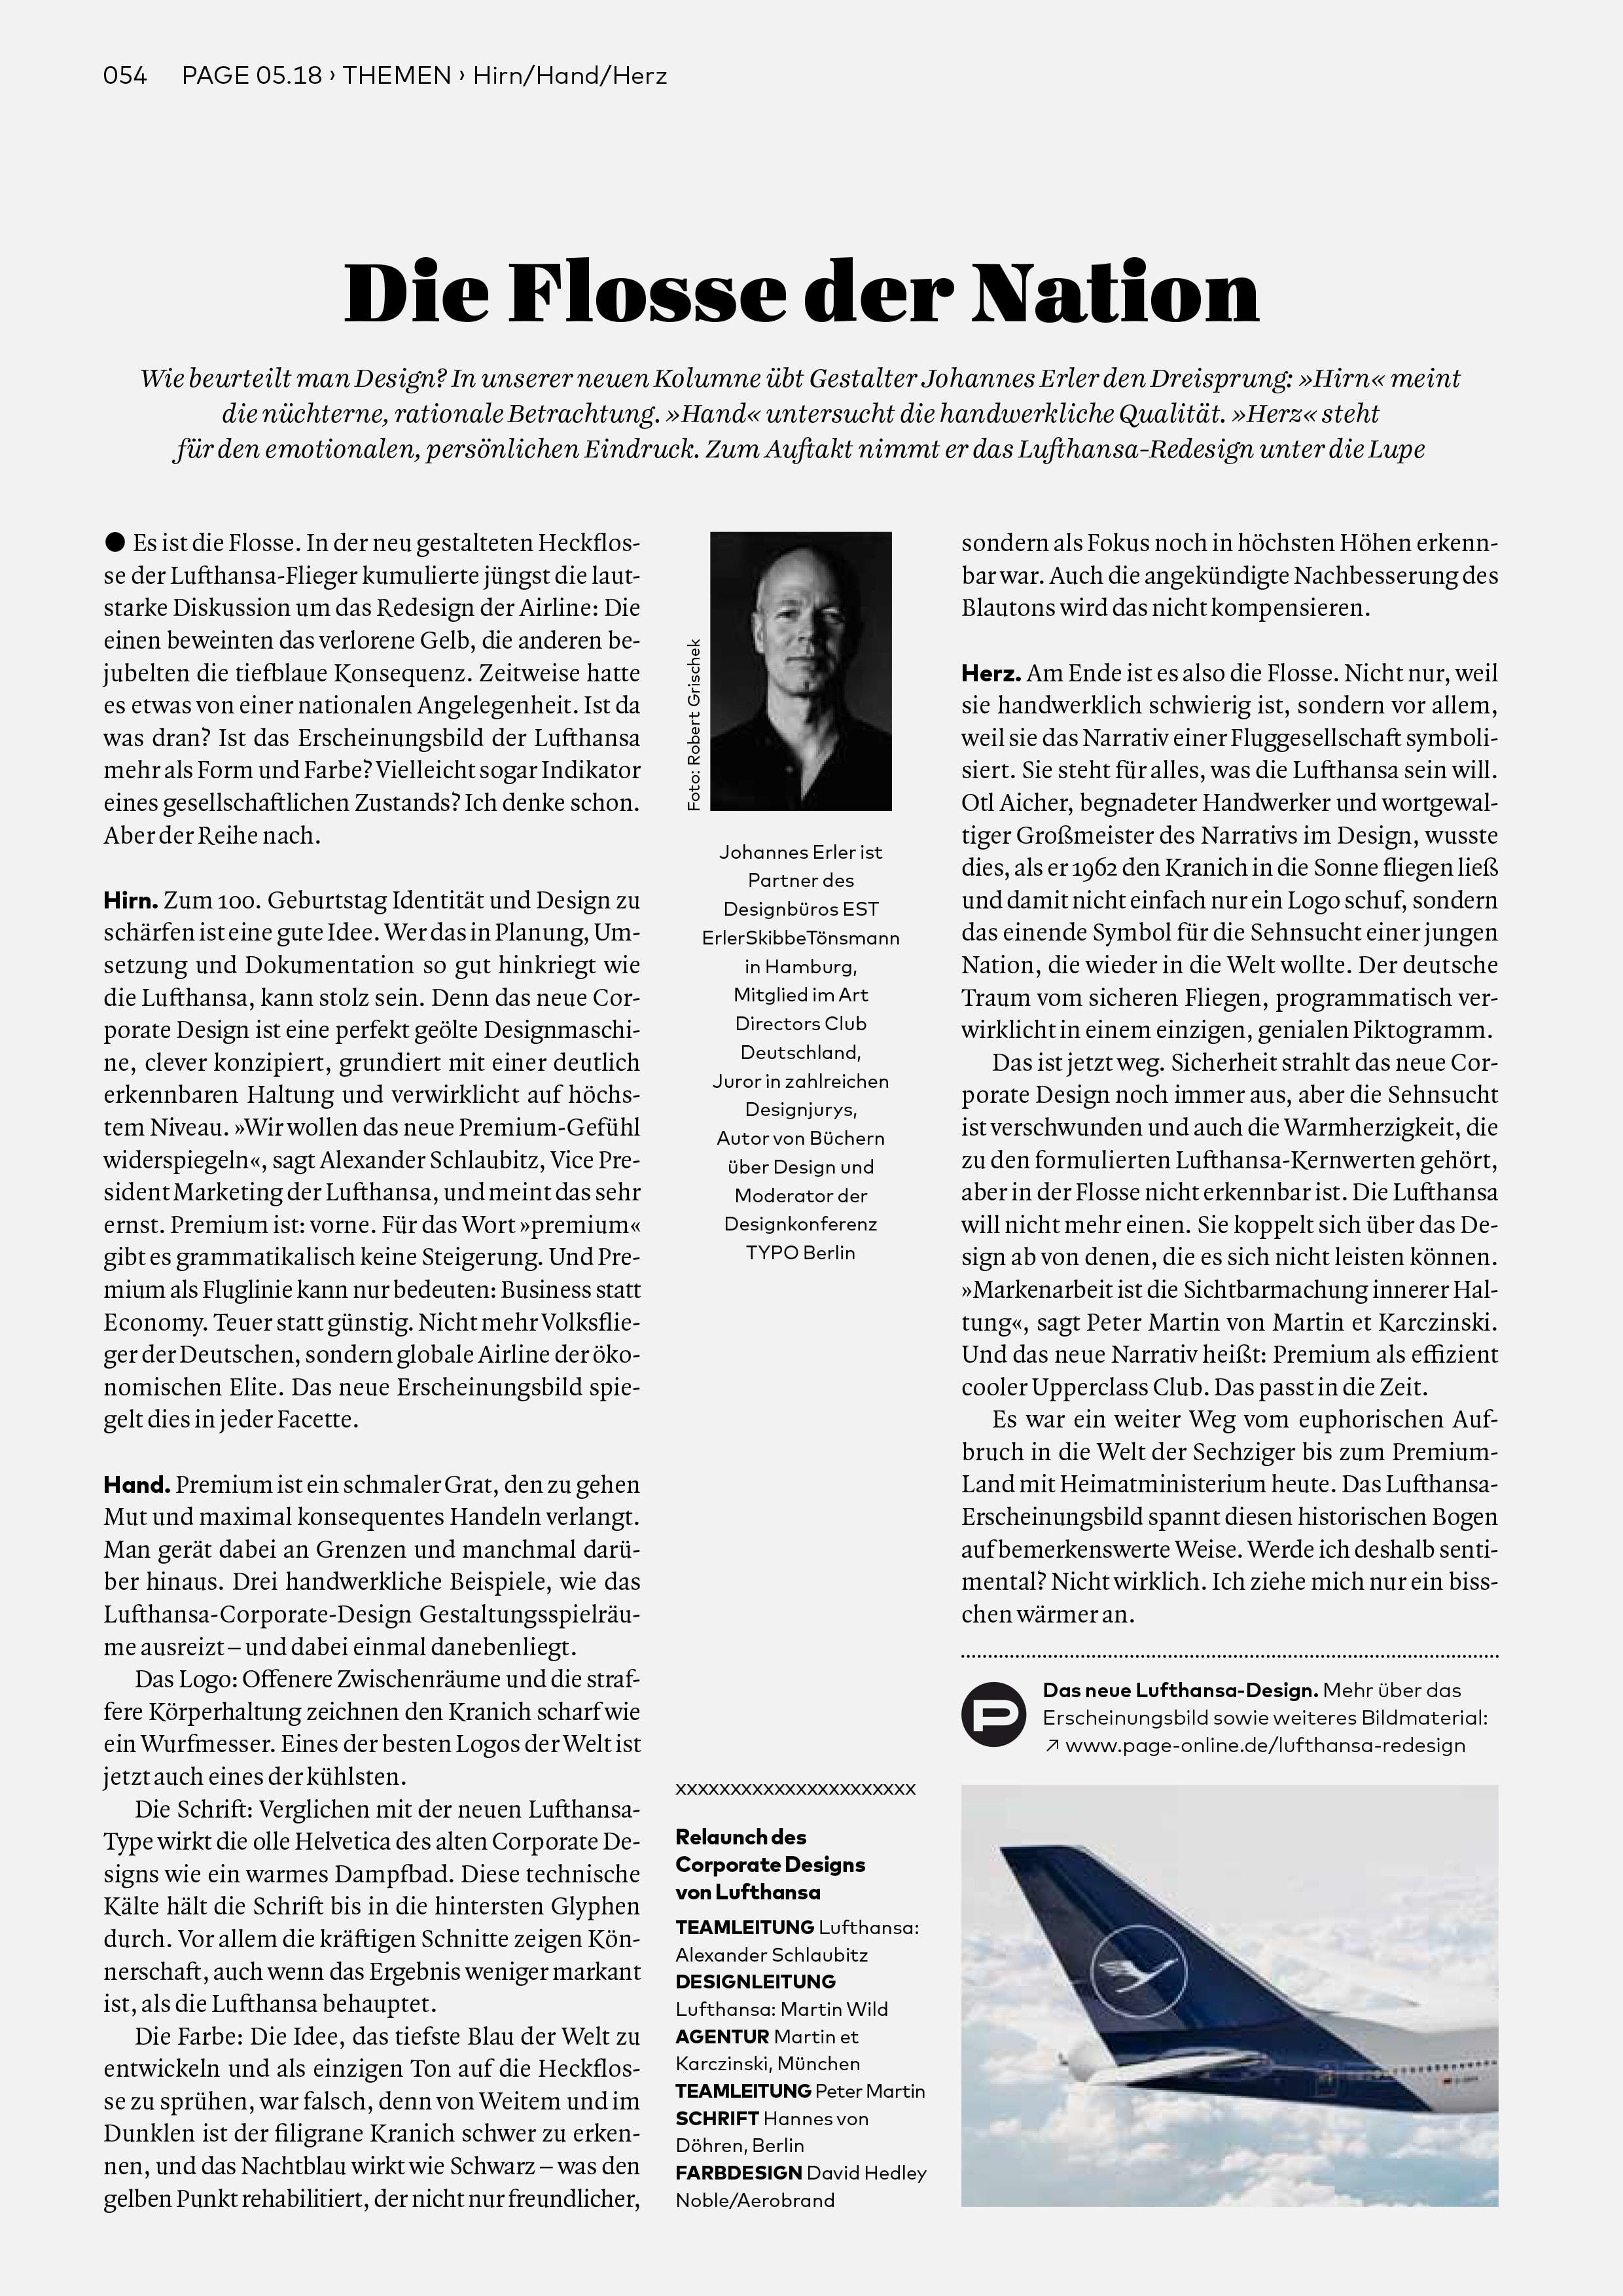 Bureau Johannes Erler – Designkritik-Kolumne #1: Das neue Redesign der Lufthansa